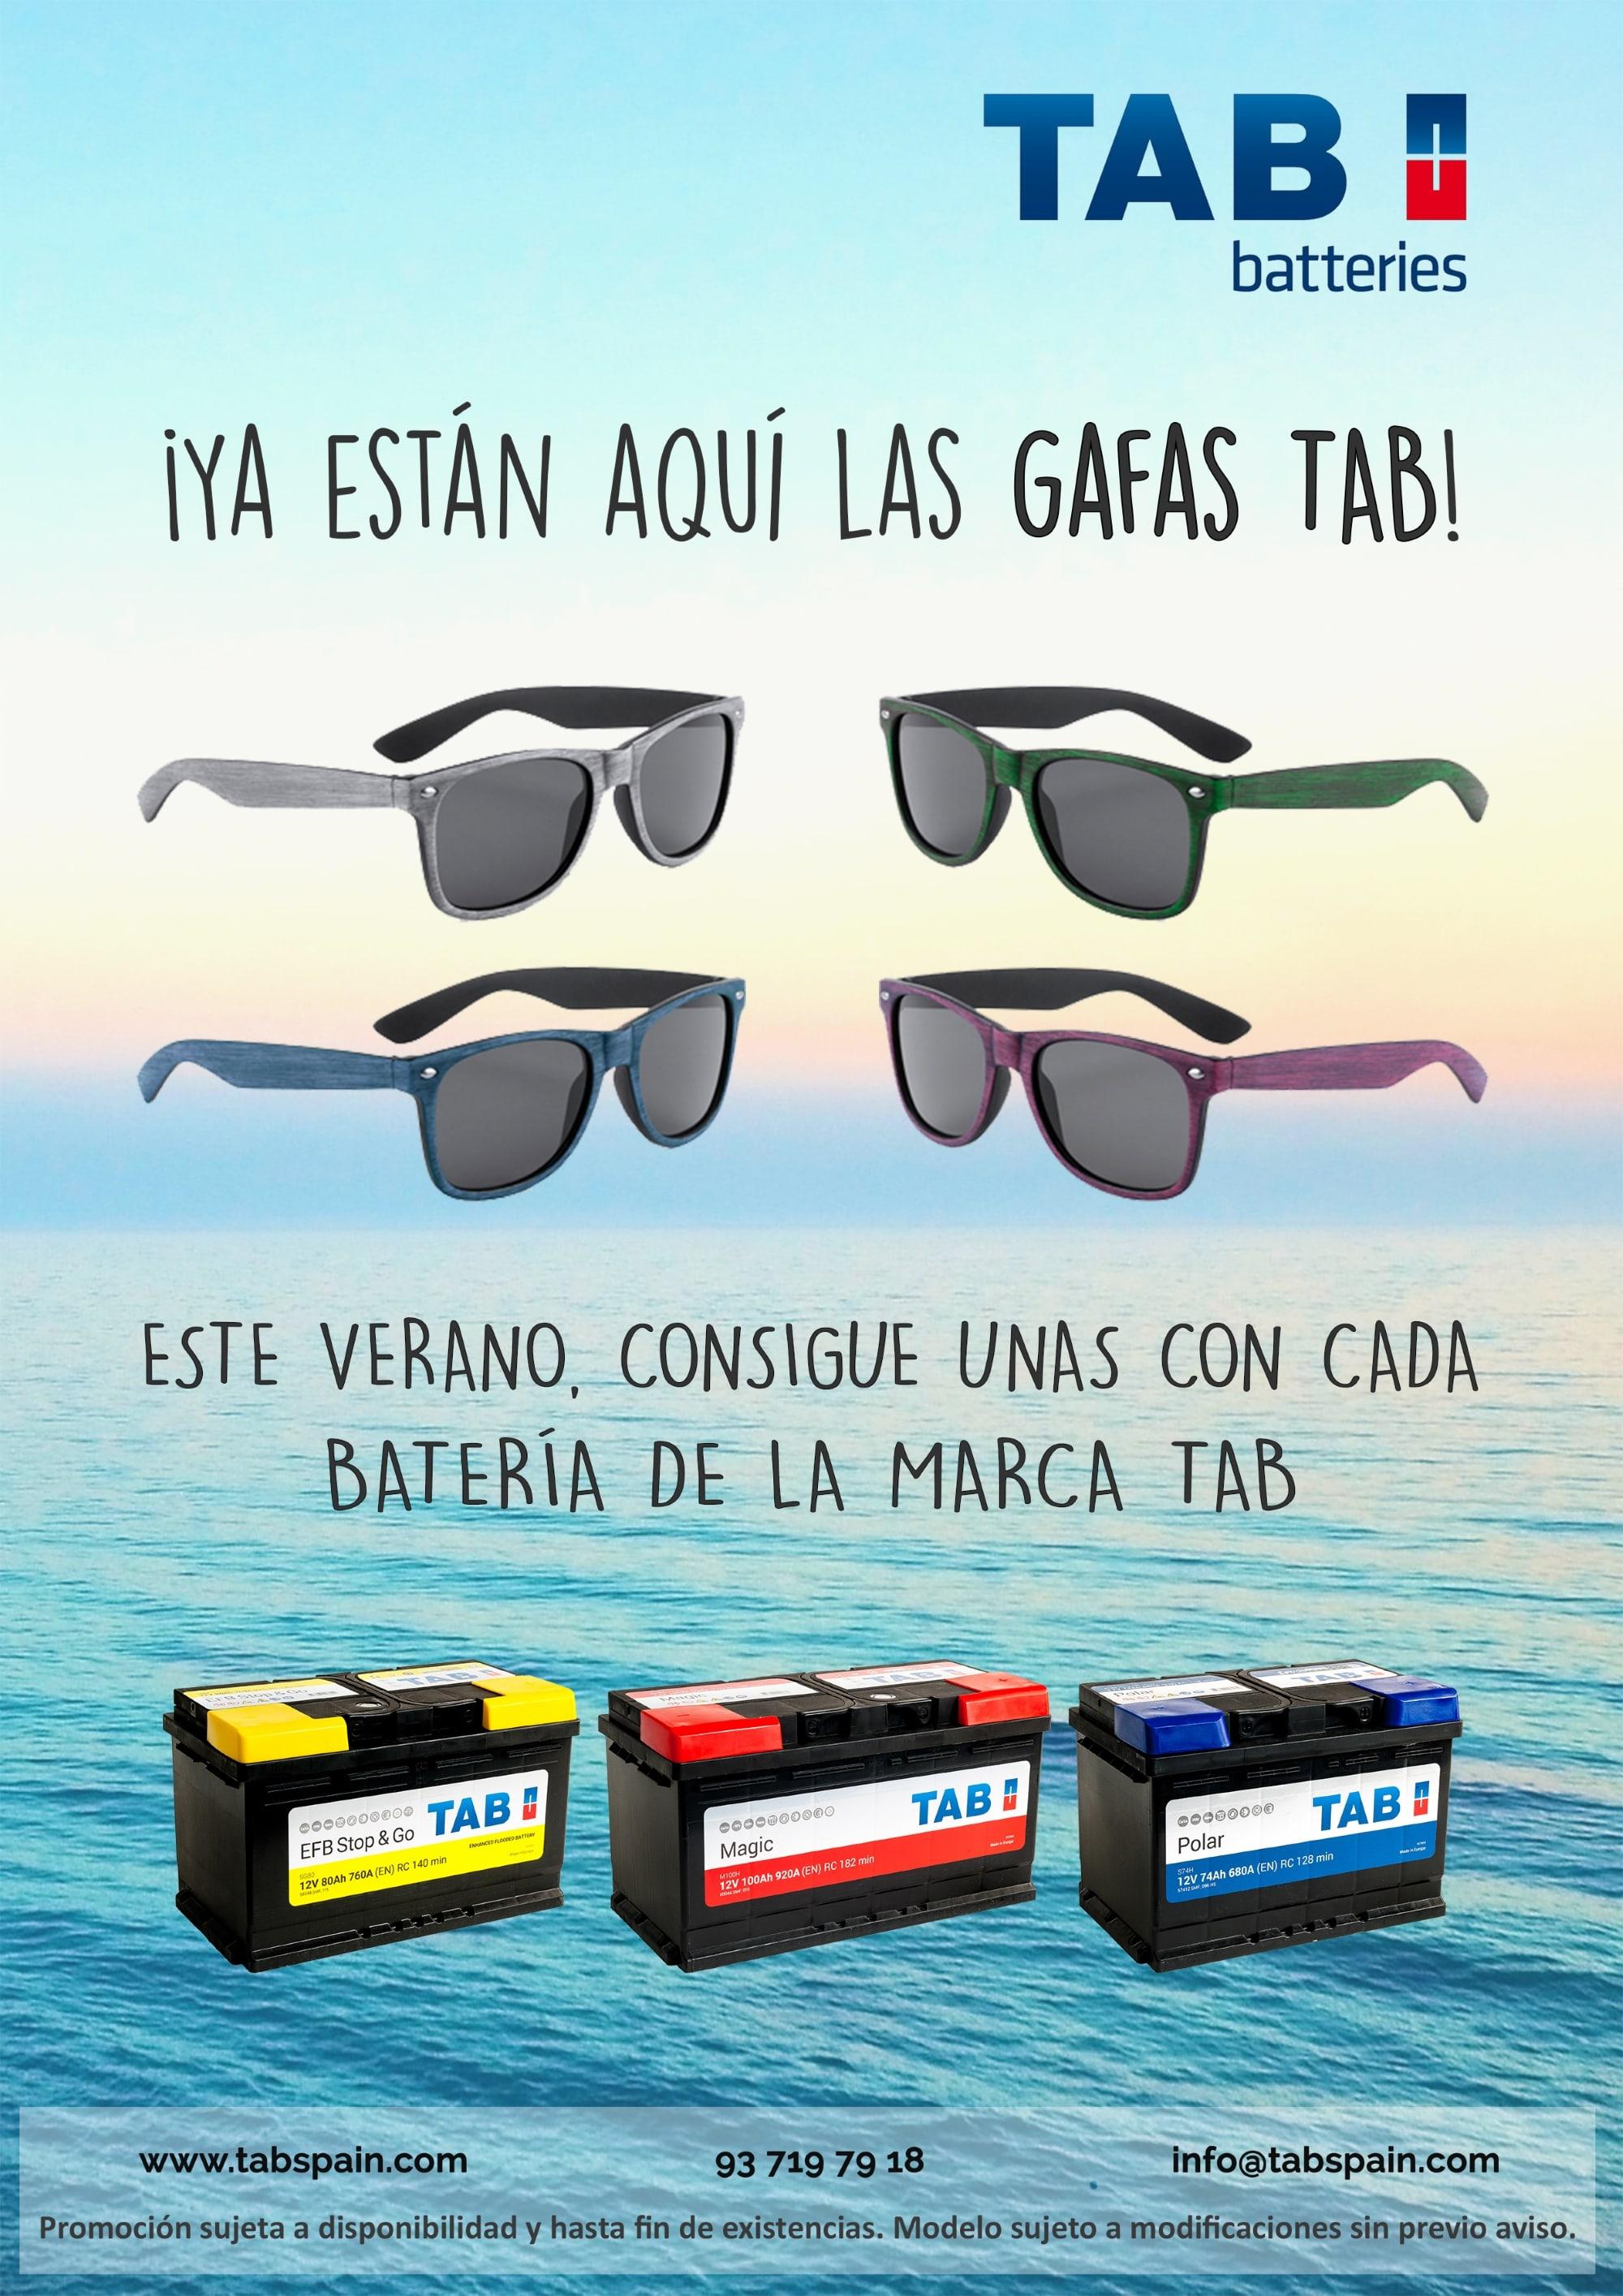 TAB Spain lanza su campaña de verano